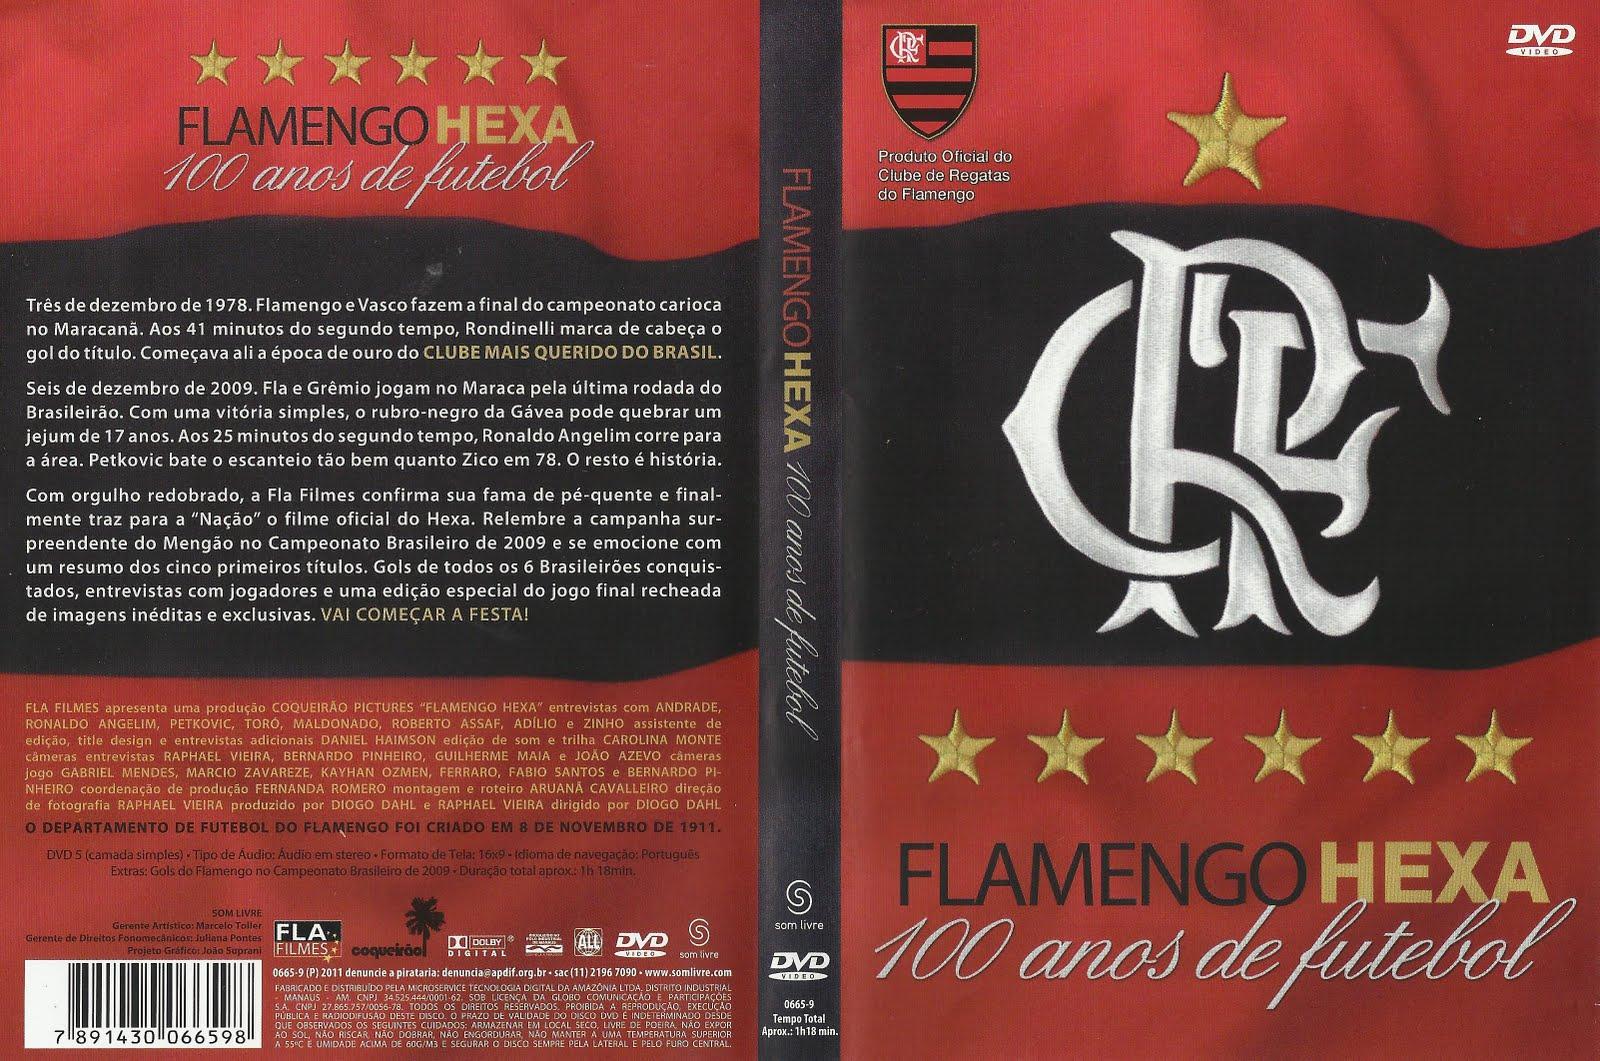 DE FUTEBOL HEXA GRATIS FLAMENGO BAIXAR DVD 100 ANOS